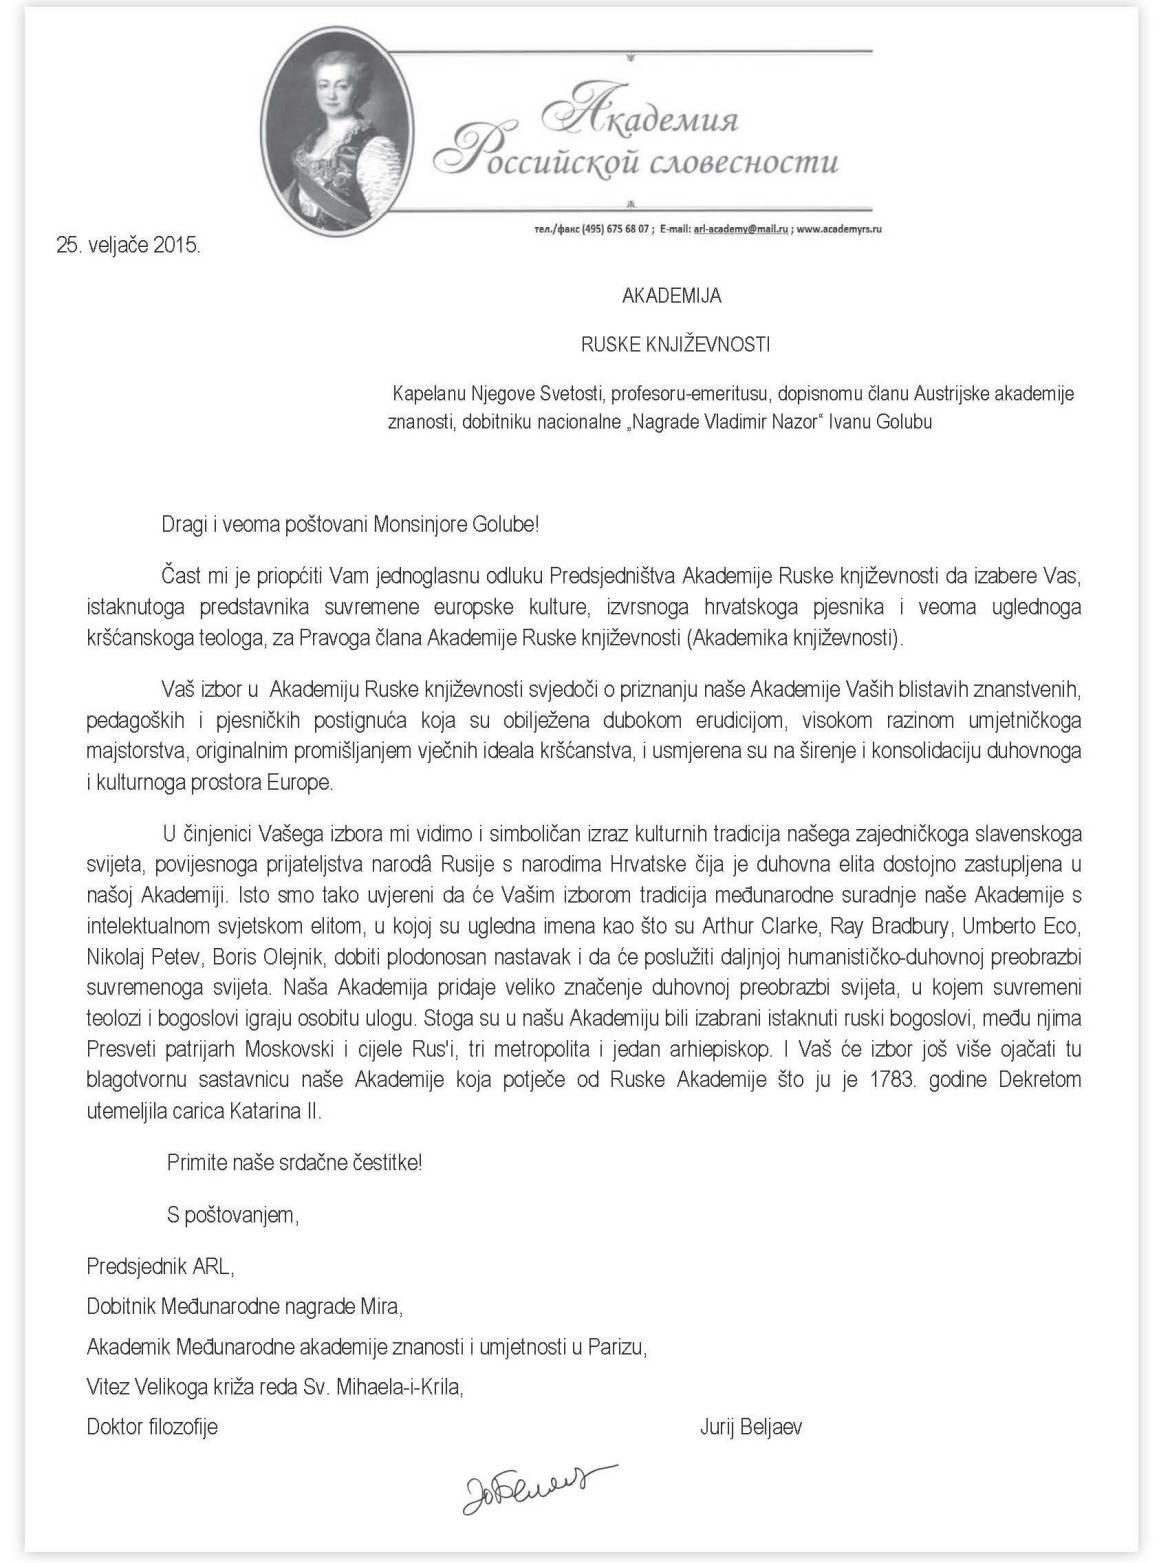 Pismo izabranja u Rusku akademiju književnosti